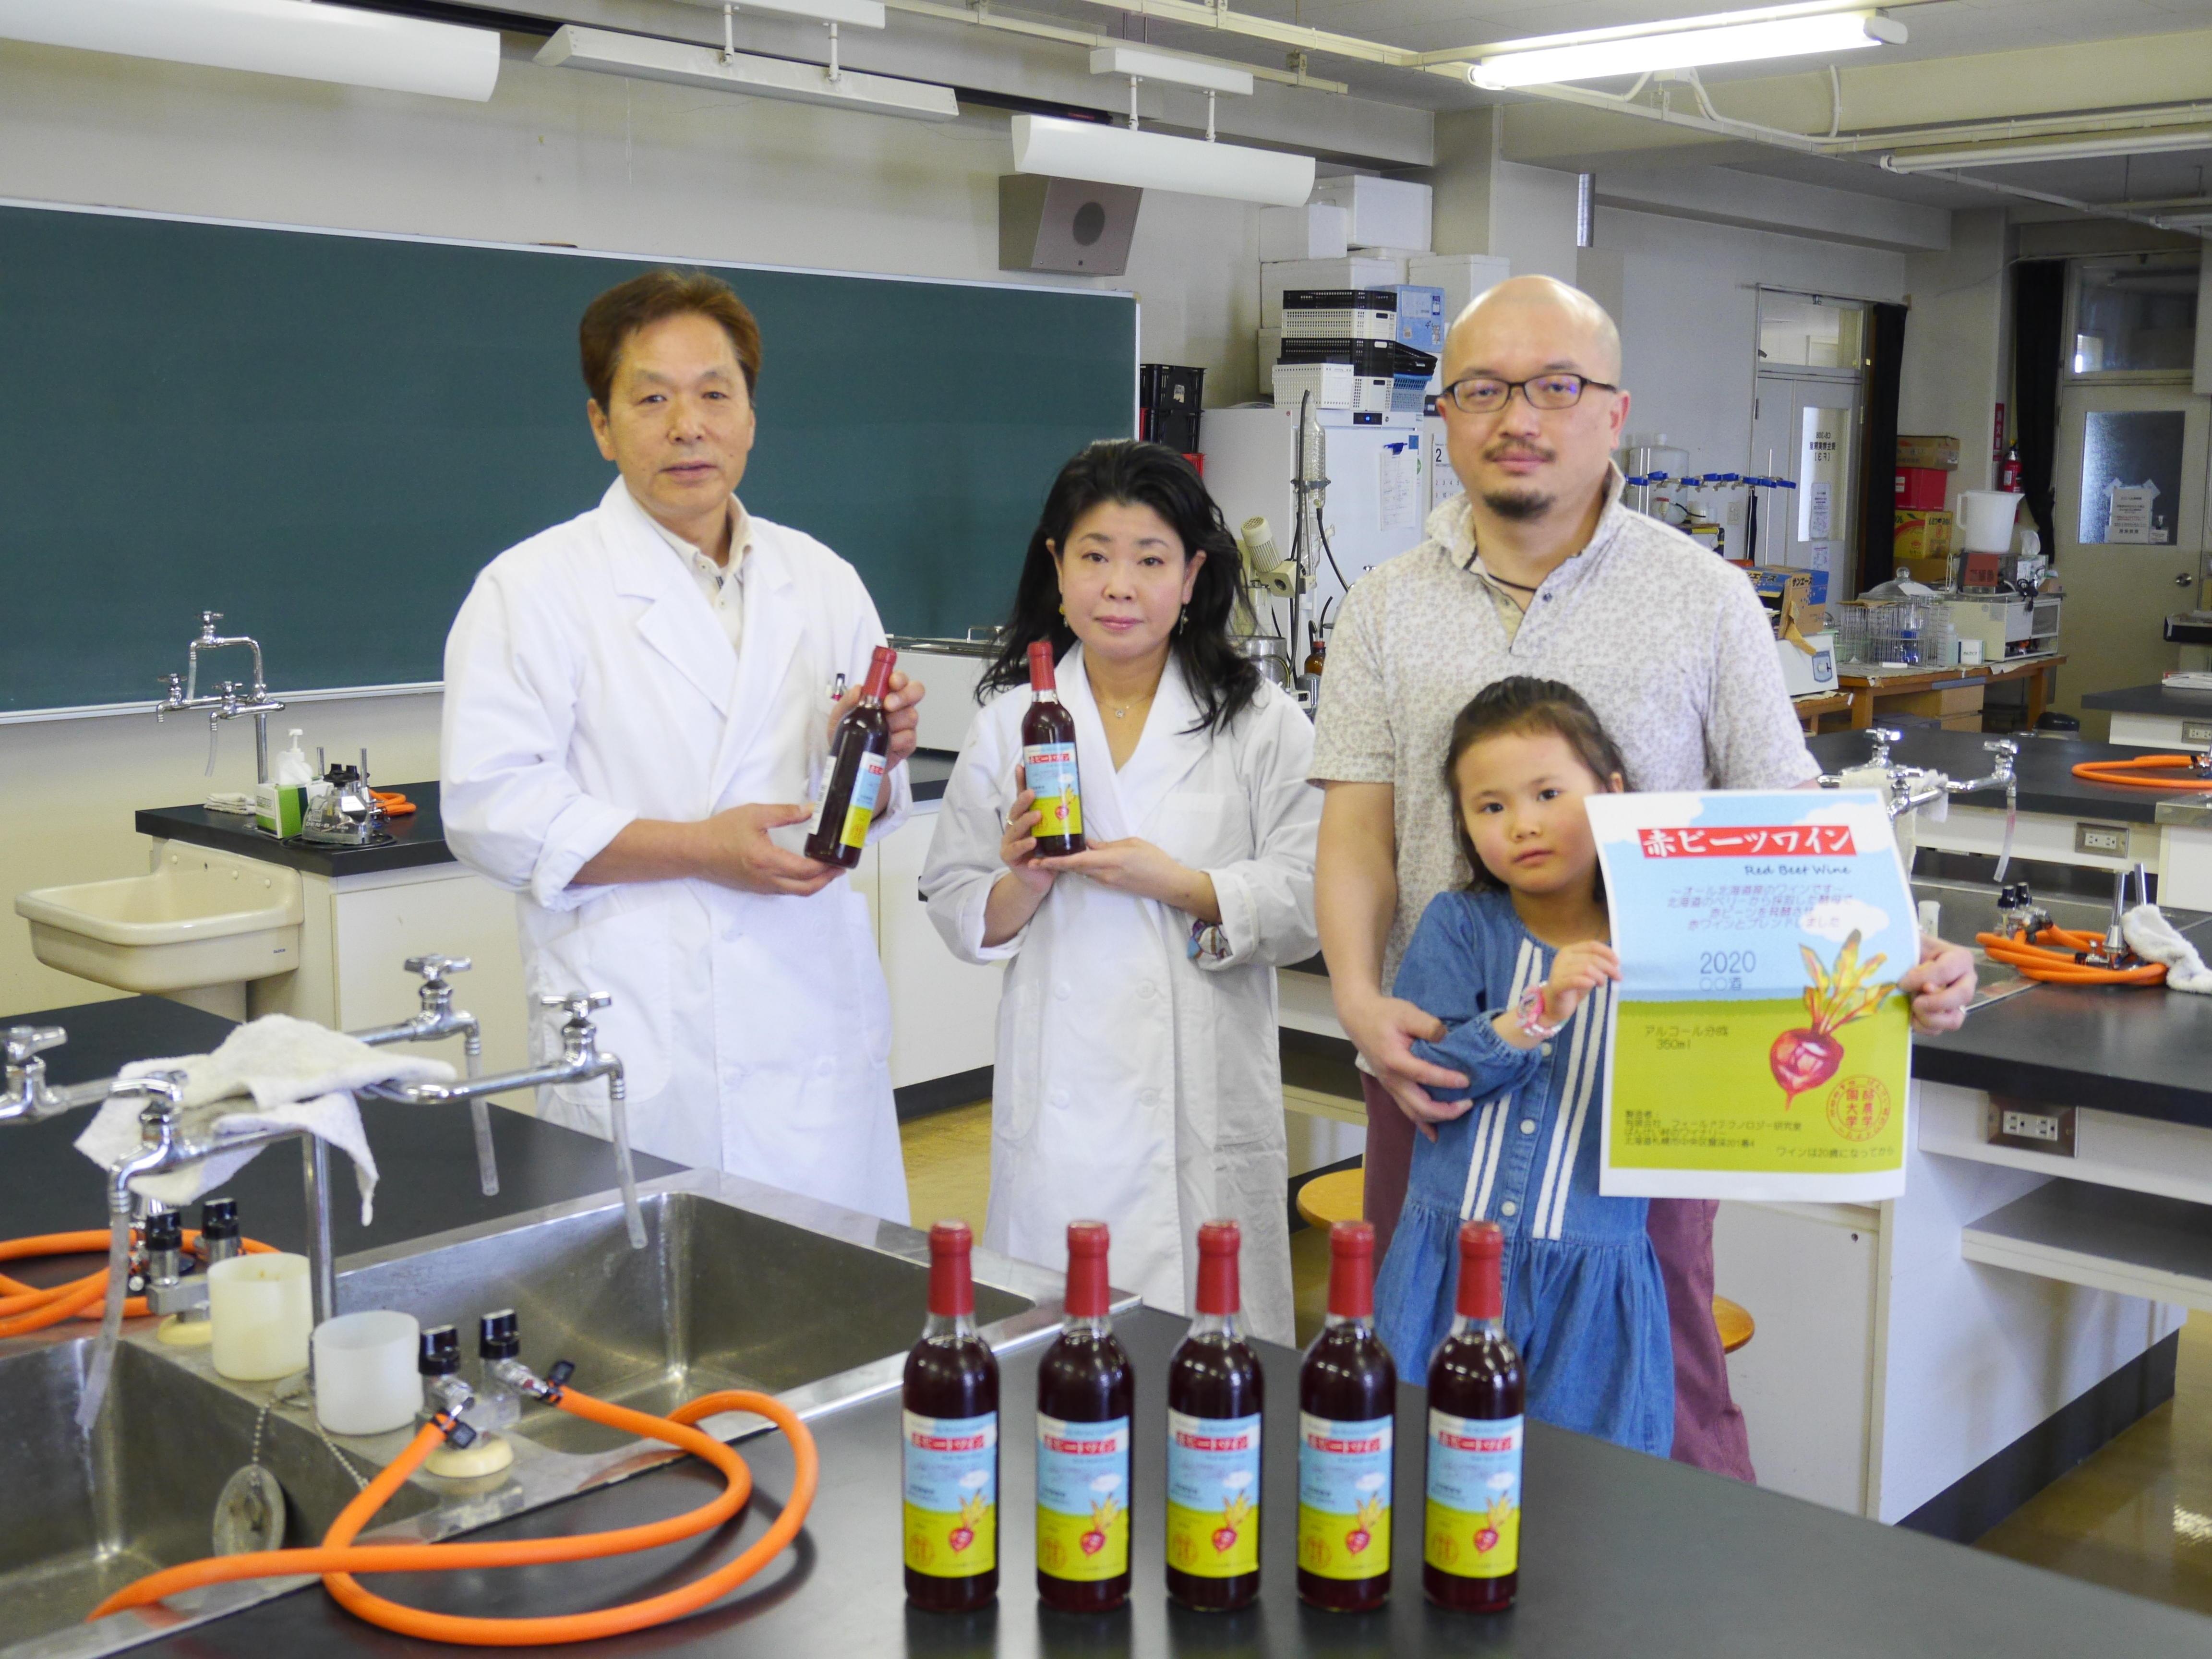 酪農学園大学の大学院生が世界的にも珍しい赤ビートワインの製品化に成功 -- 学内の野生酵母を使用